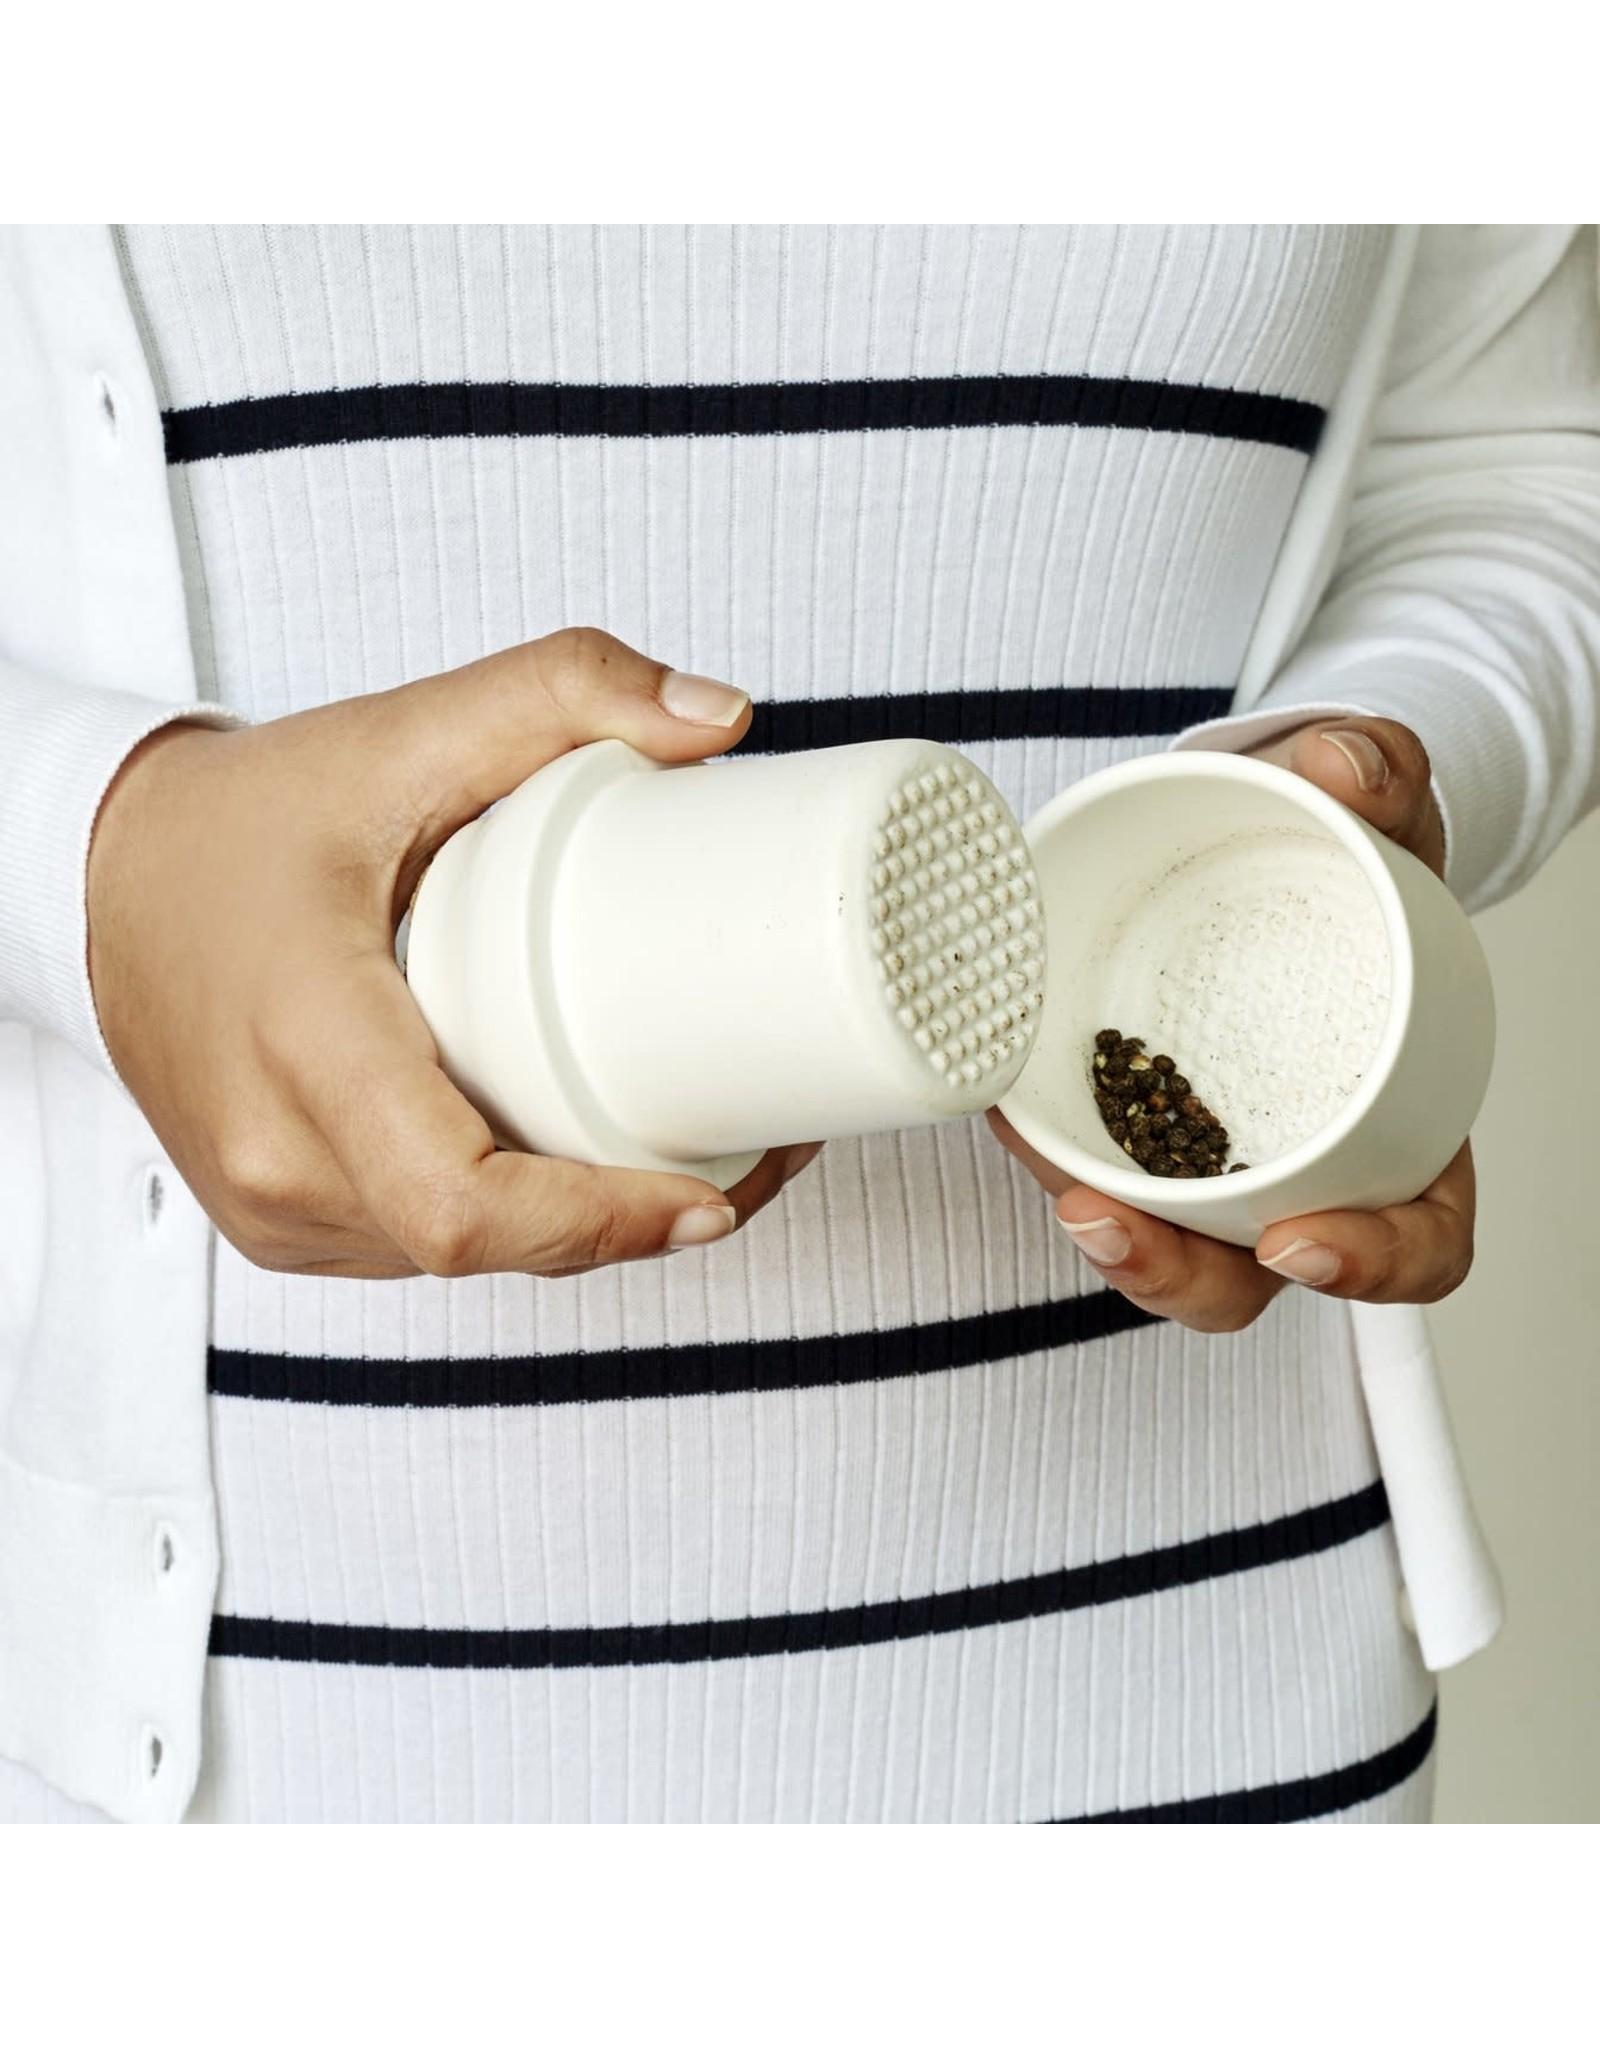 KIK Large Ceramic Grinder & Jar in White